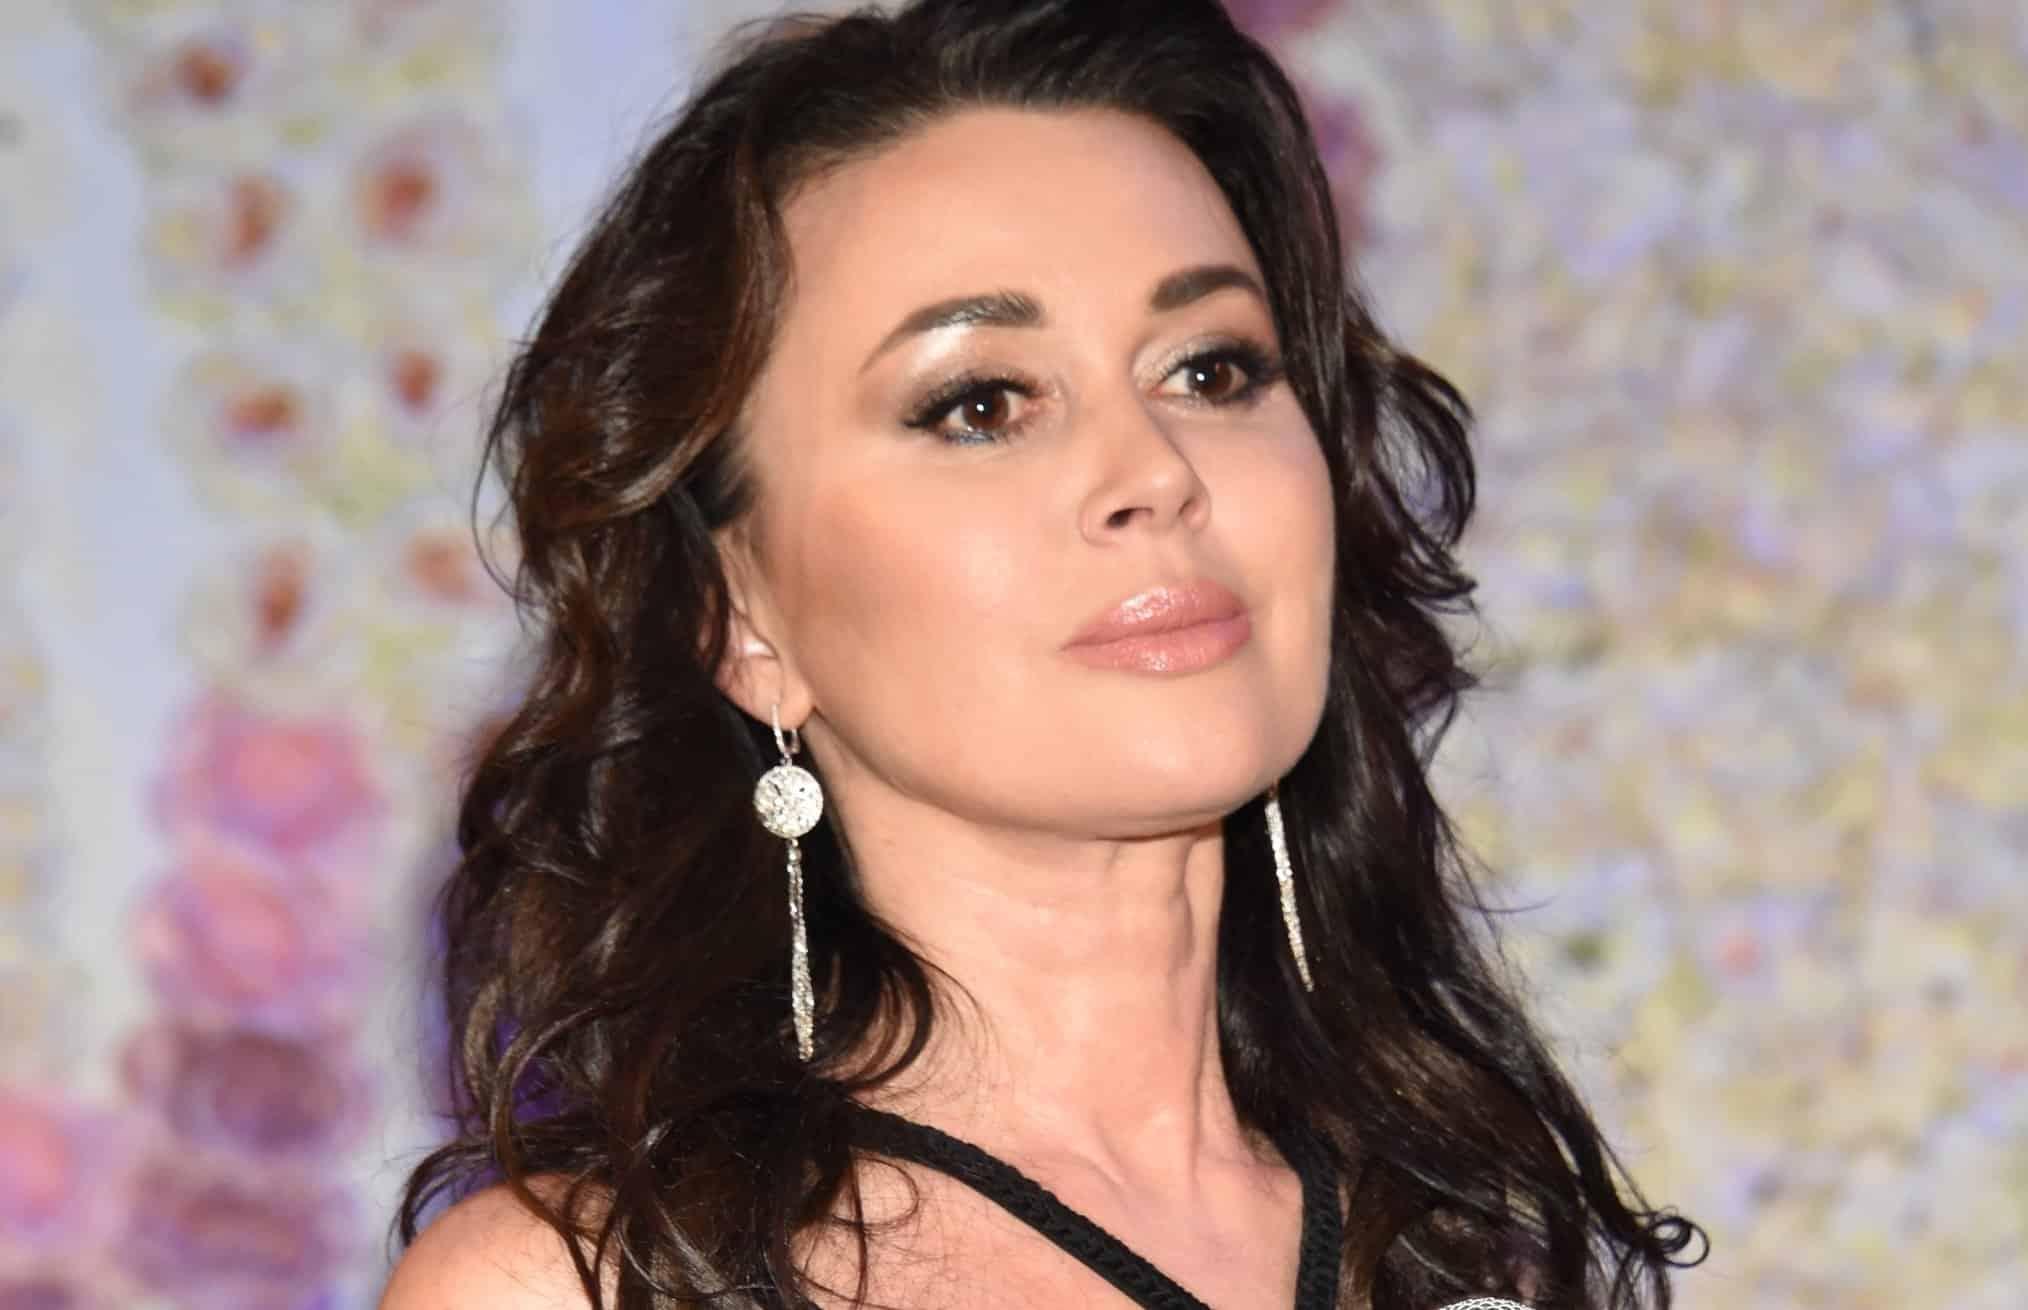 Дочь Анастасии Заворотнюк испугала поклонников актрисы траурным нарядом